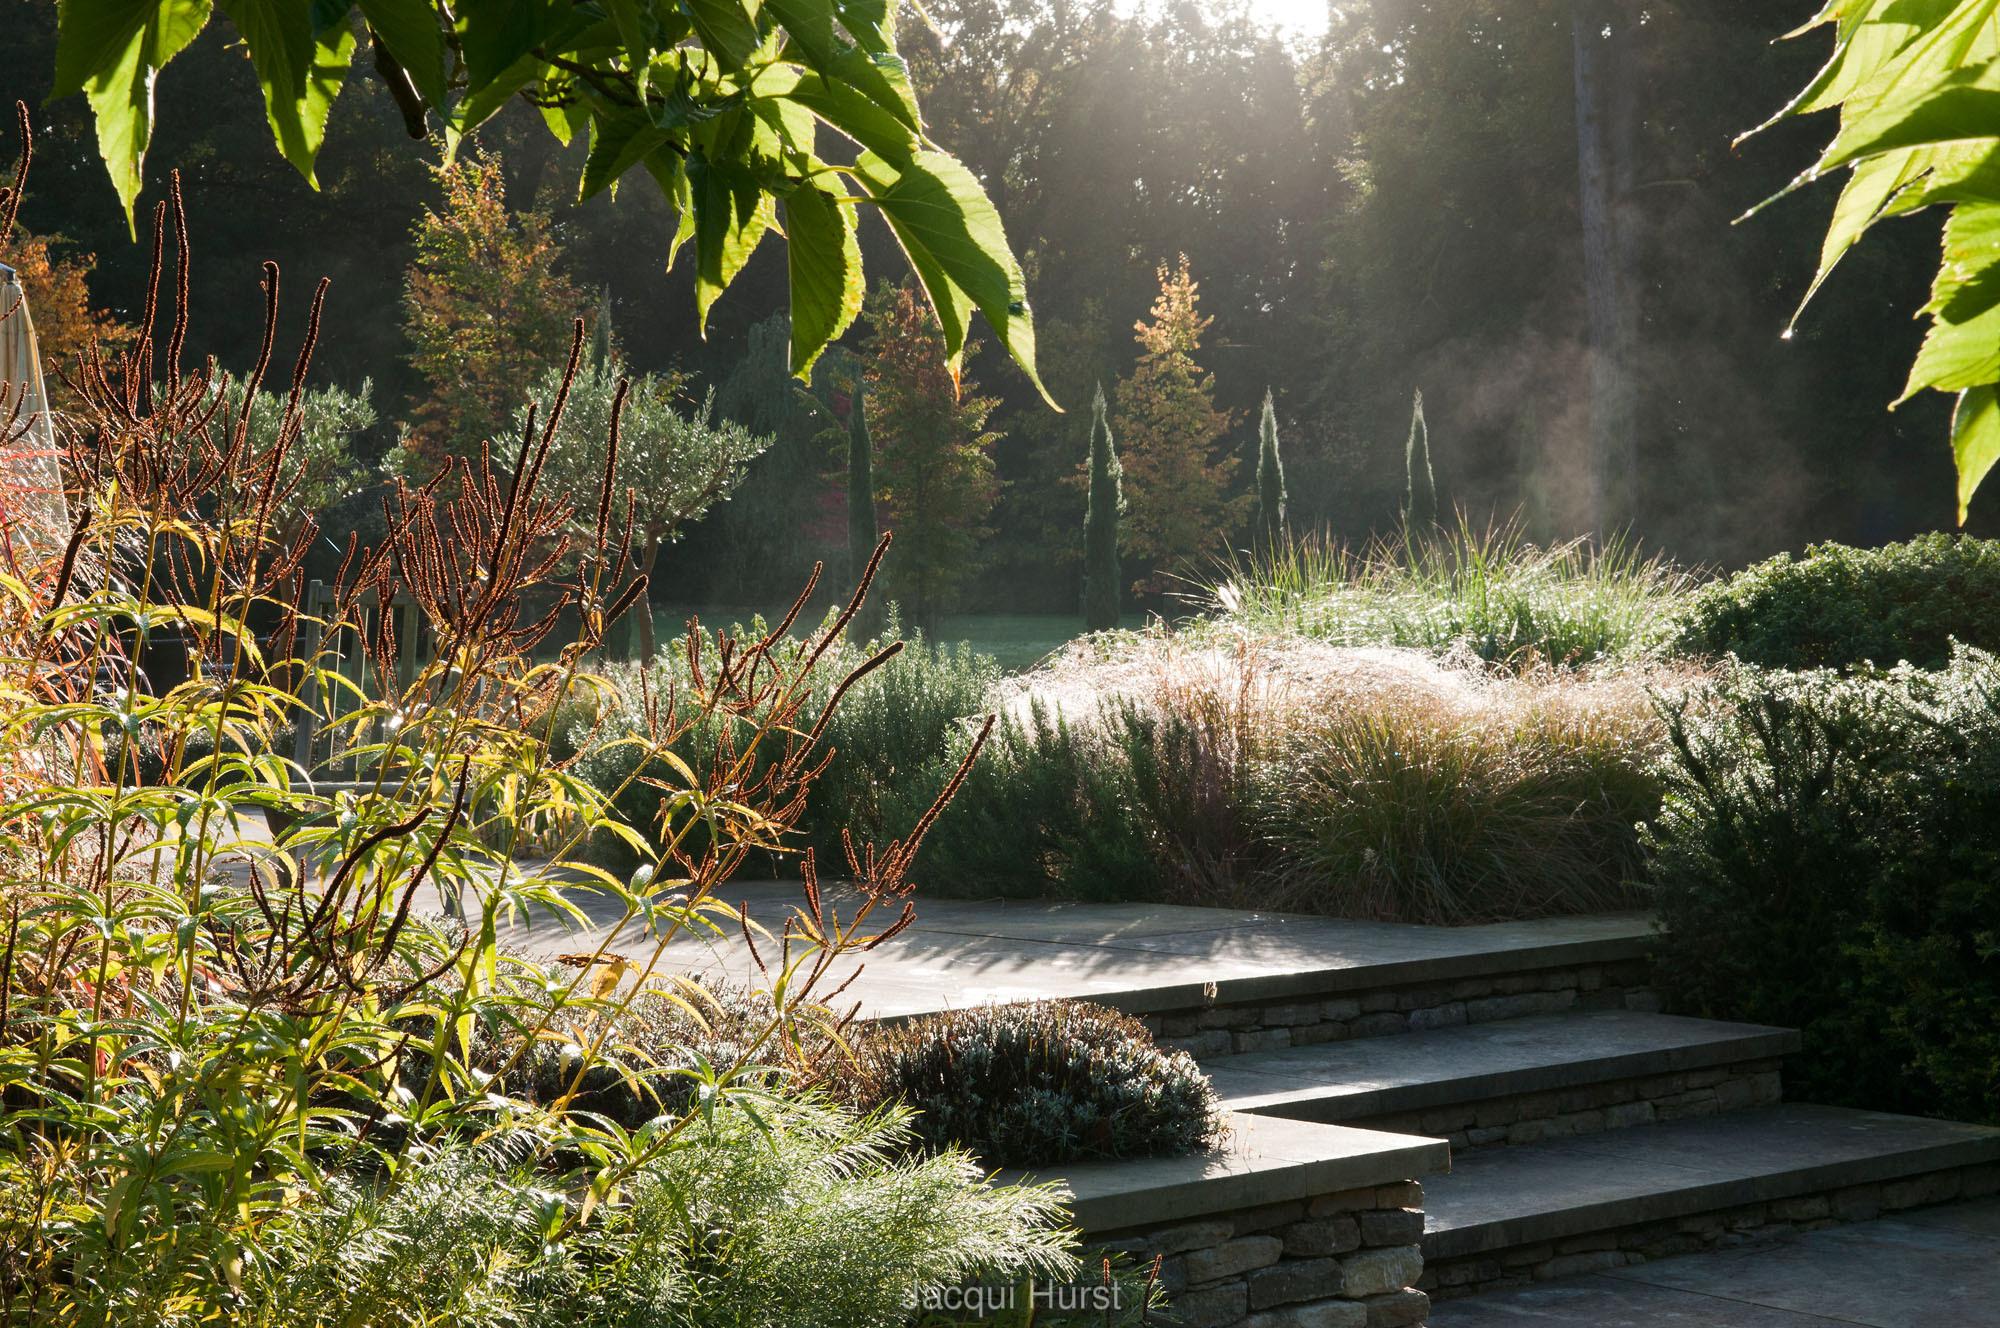 Garden Photographeru0027s Association